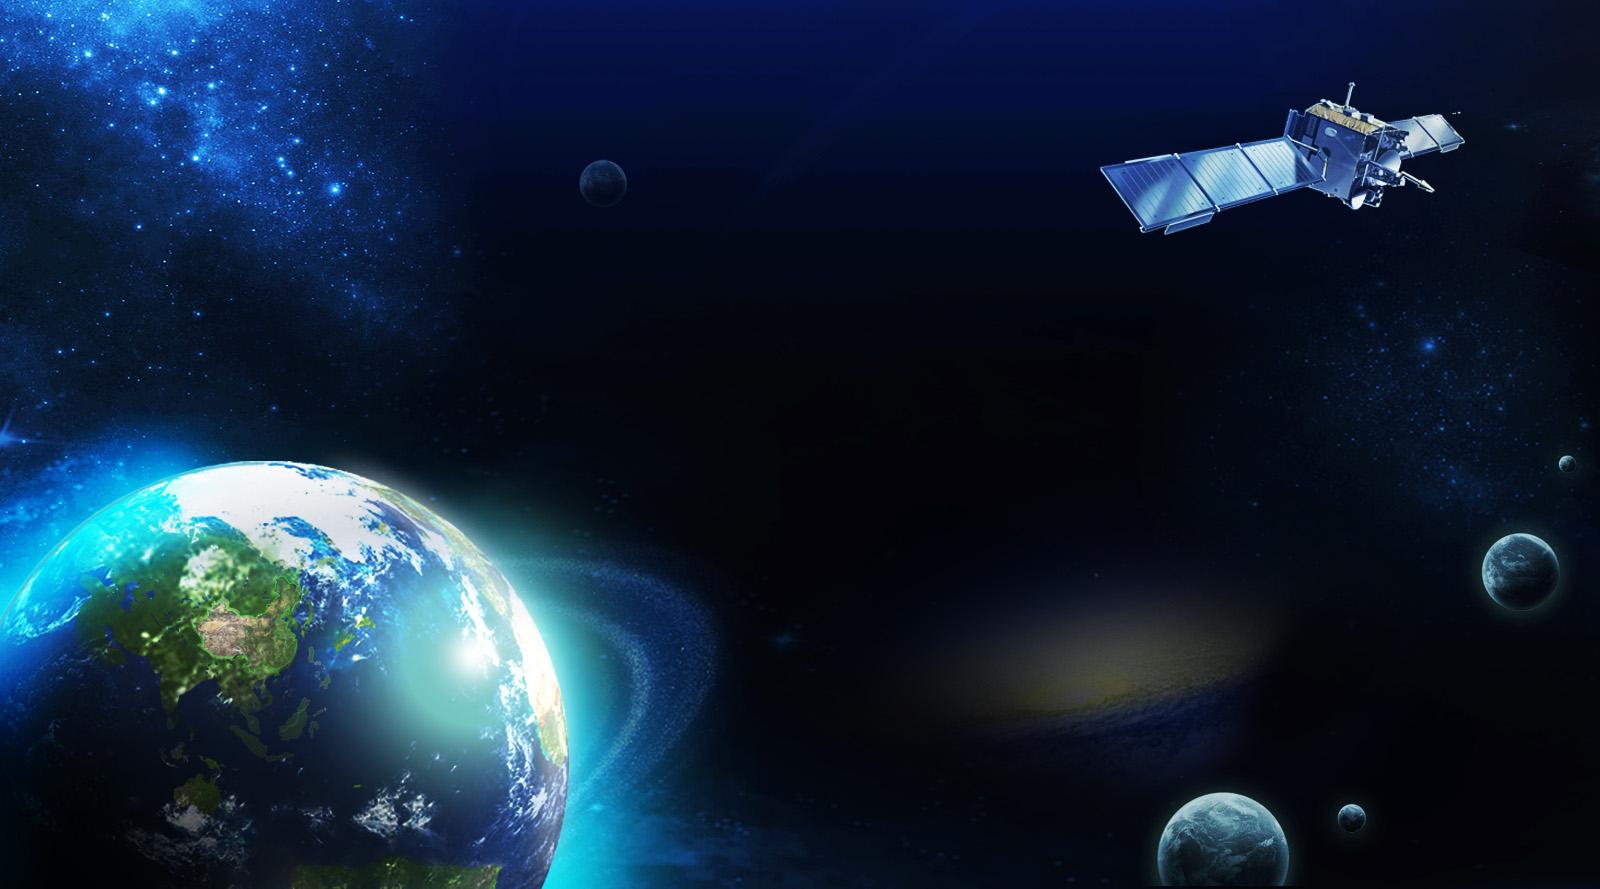 俄媒称北斗将成全球性导航系统:不受美国制约